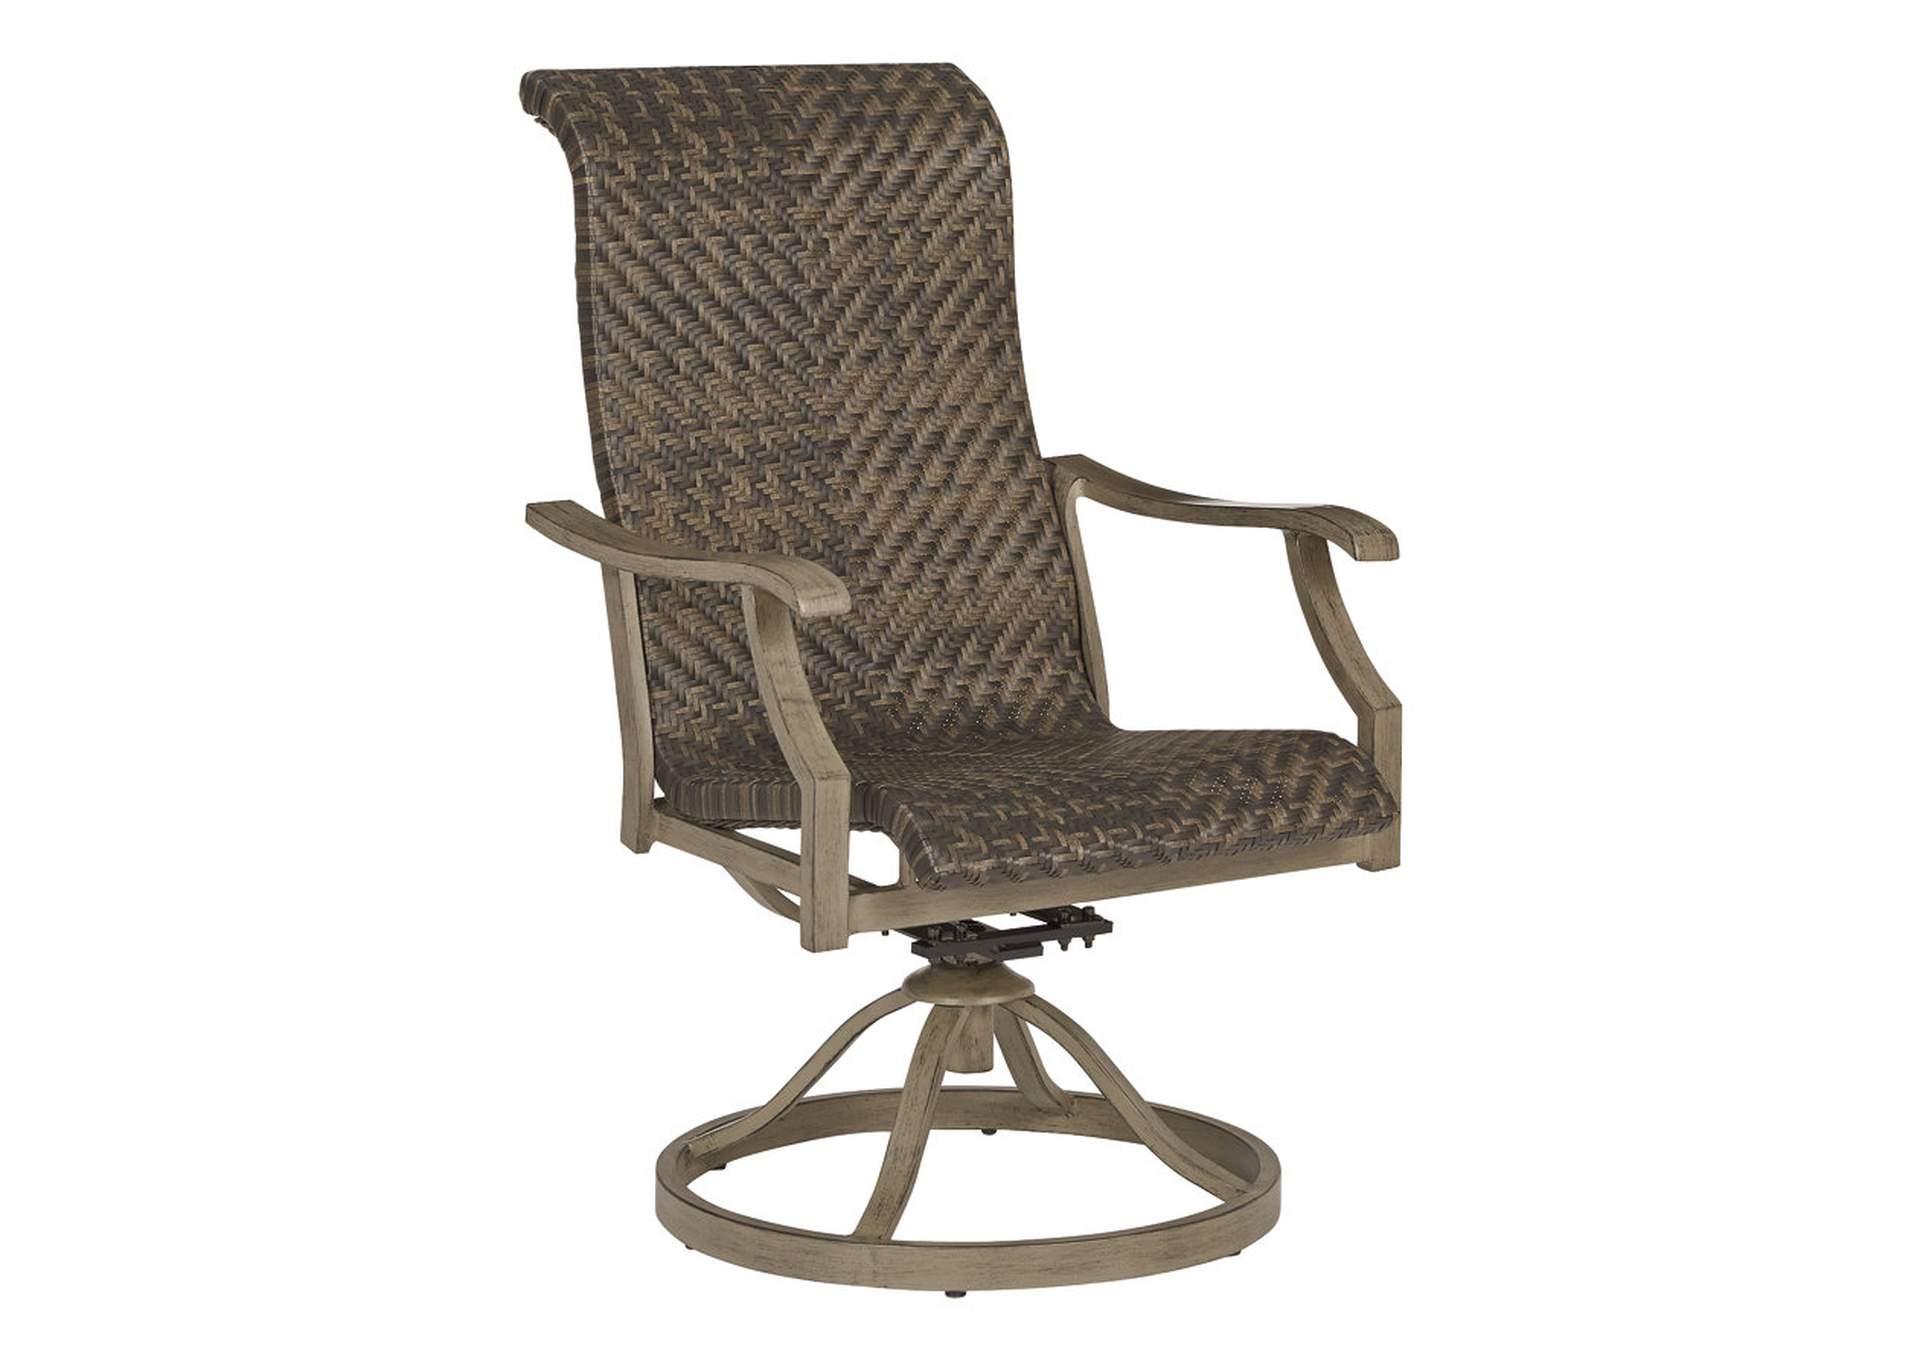 Windon Barn Вращающееся кресло коричневого цвета (2 шт. в комплекте)